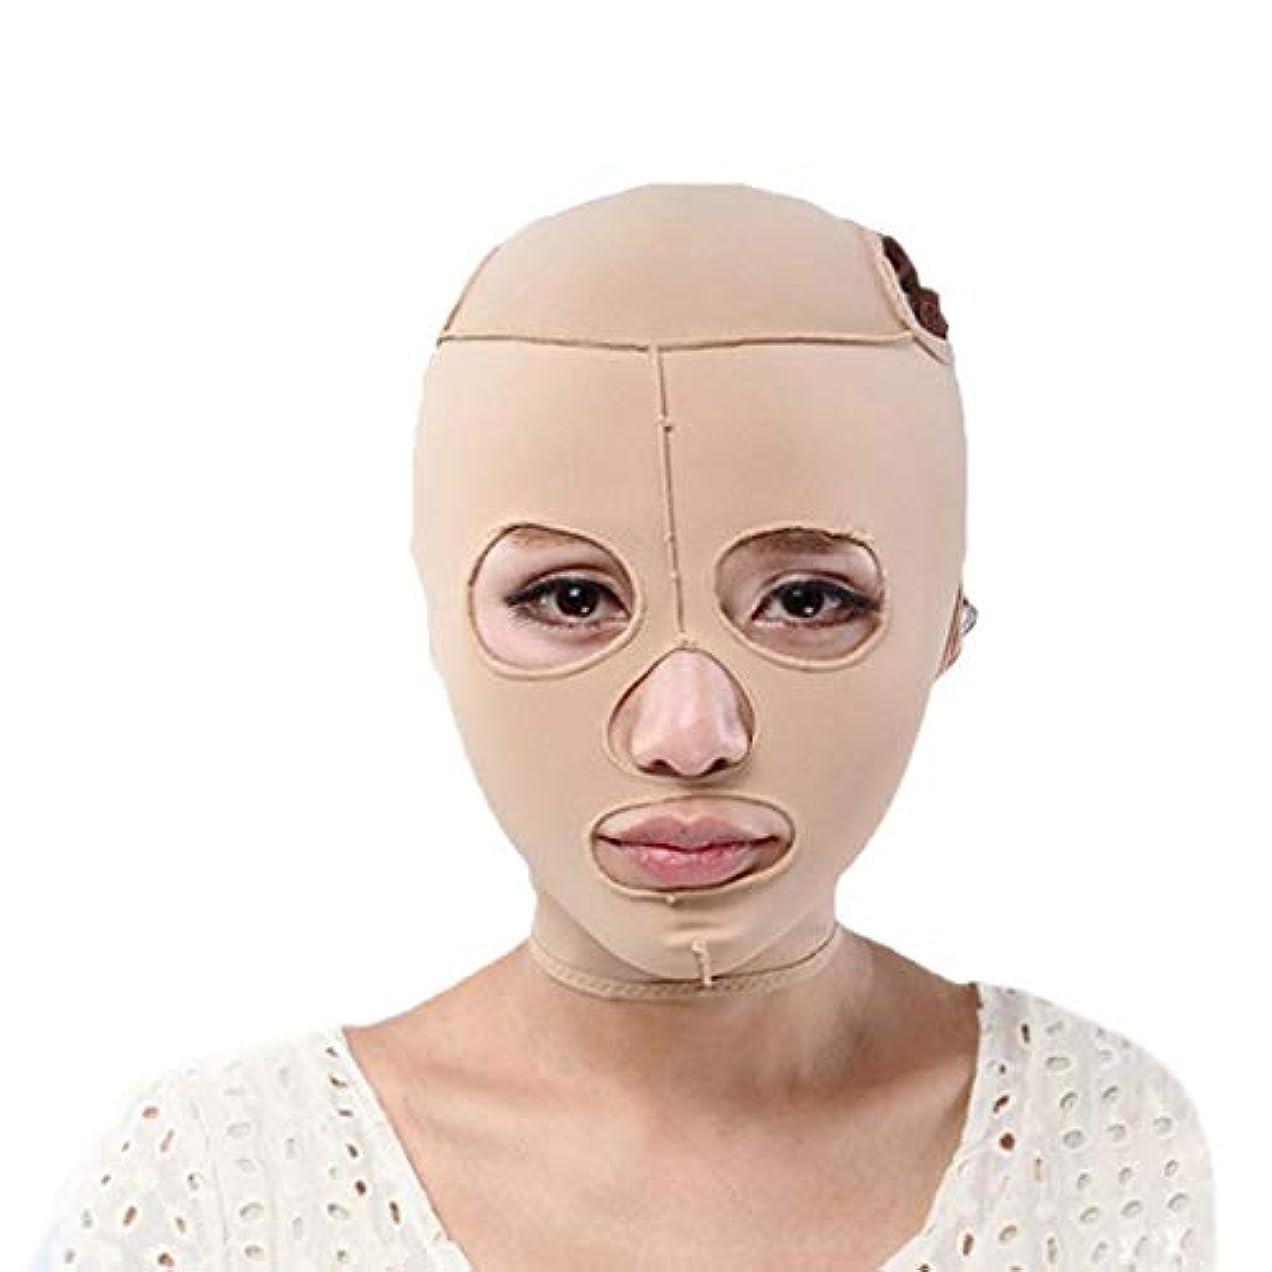 処分したほうき流体チンストラップ、顔の減量アンチシワマスク、快適な通気性マスク付きオールインクルーシブフェイス、薄型フェイスマスクリフティング包帯引き締め(サイズ:S),XL